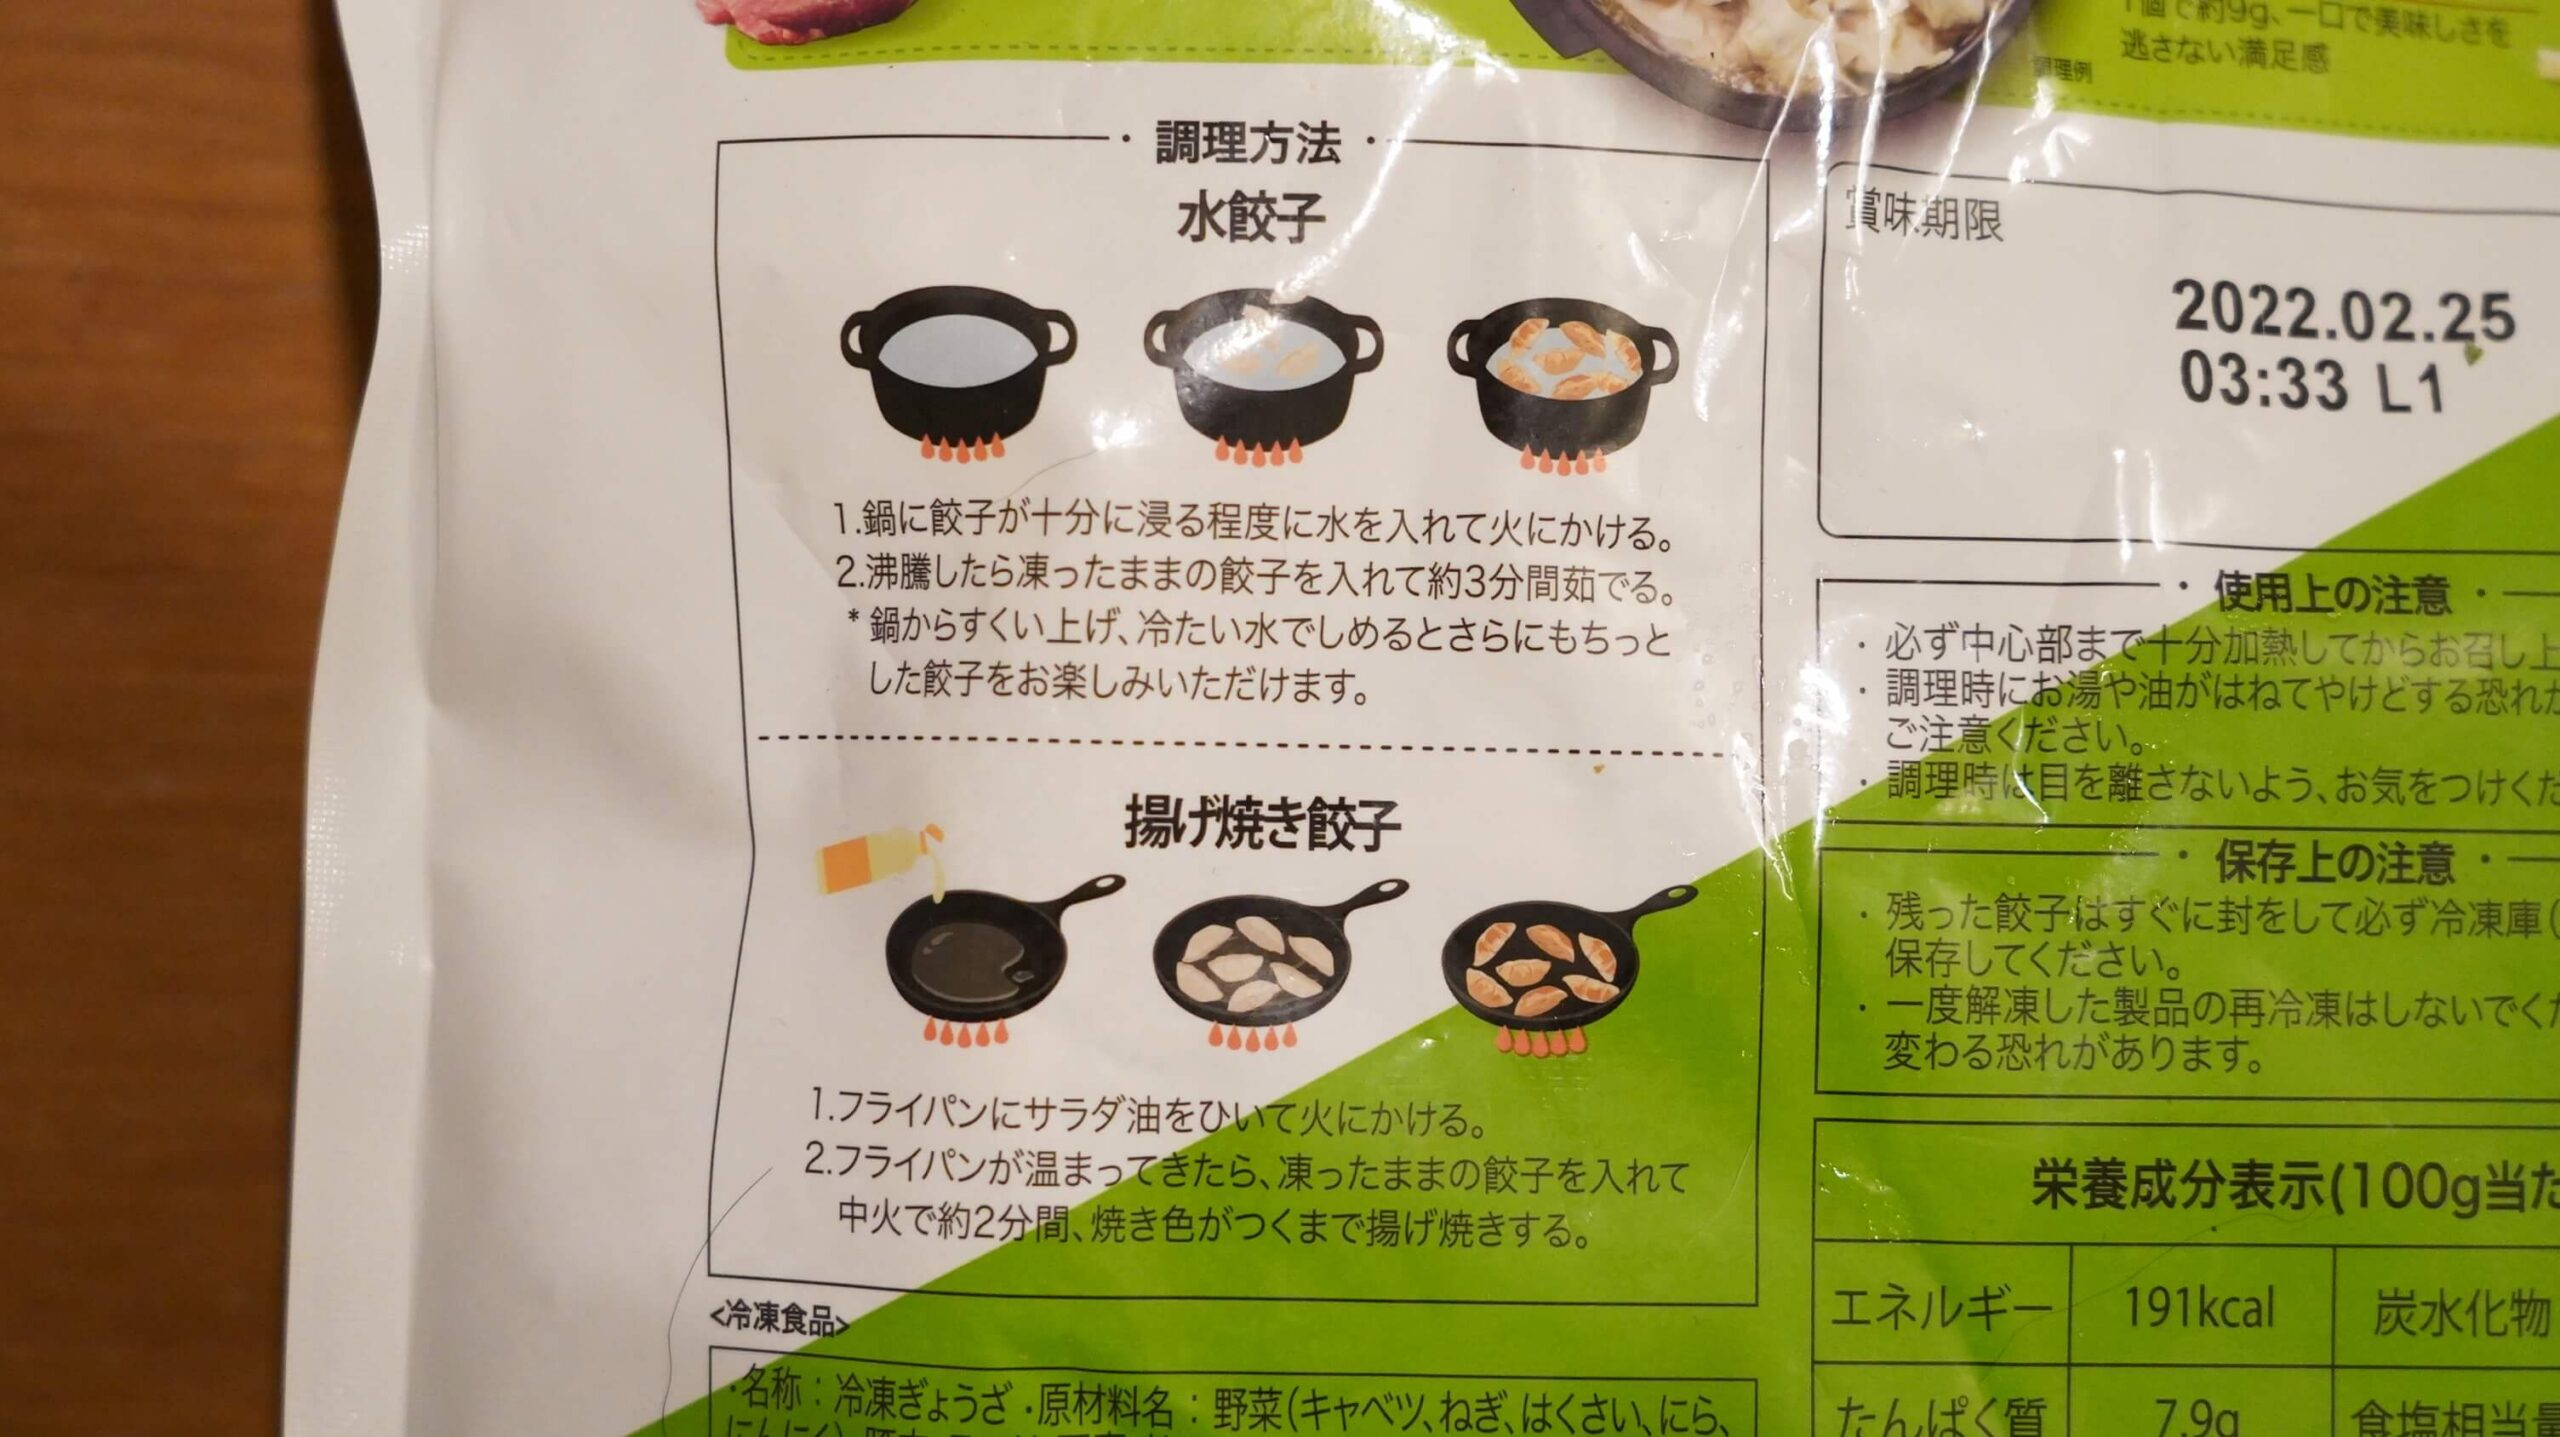 コストコの冷凍食品「bibigo 水餃子」のパッケージ裏面の作り方の写真